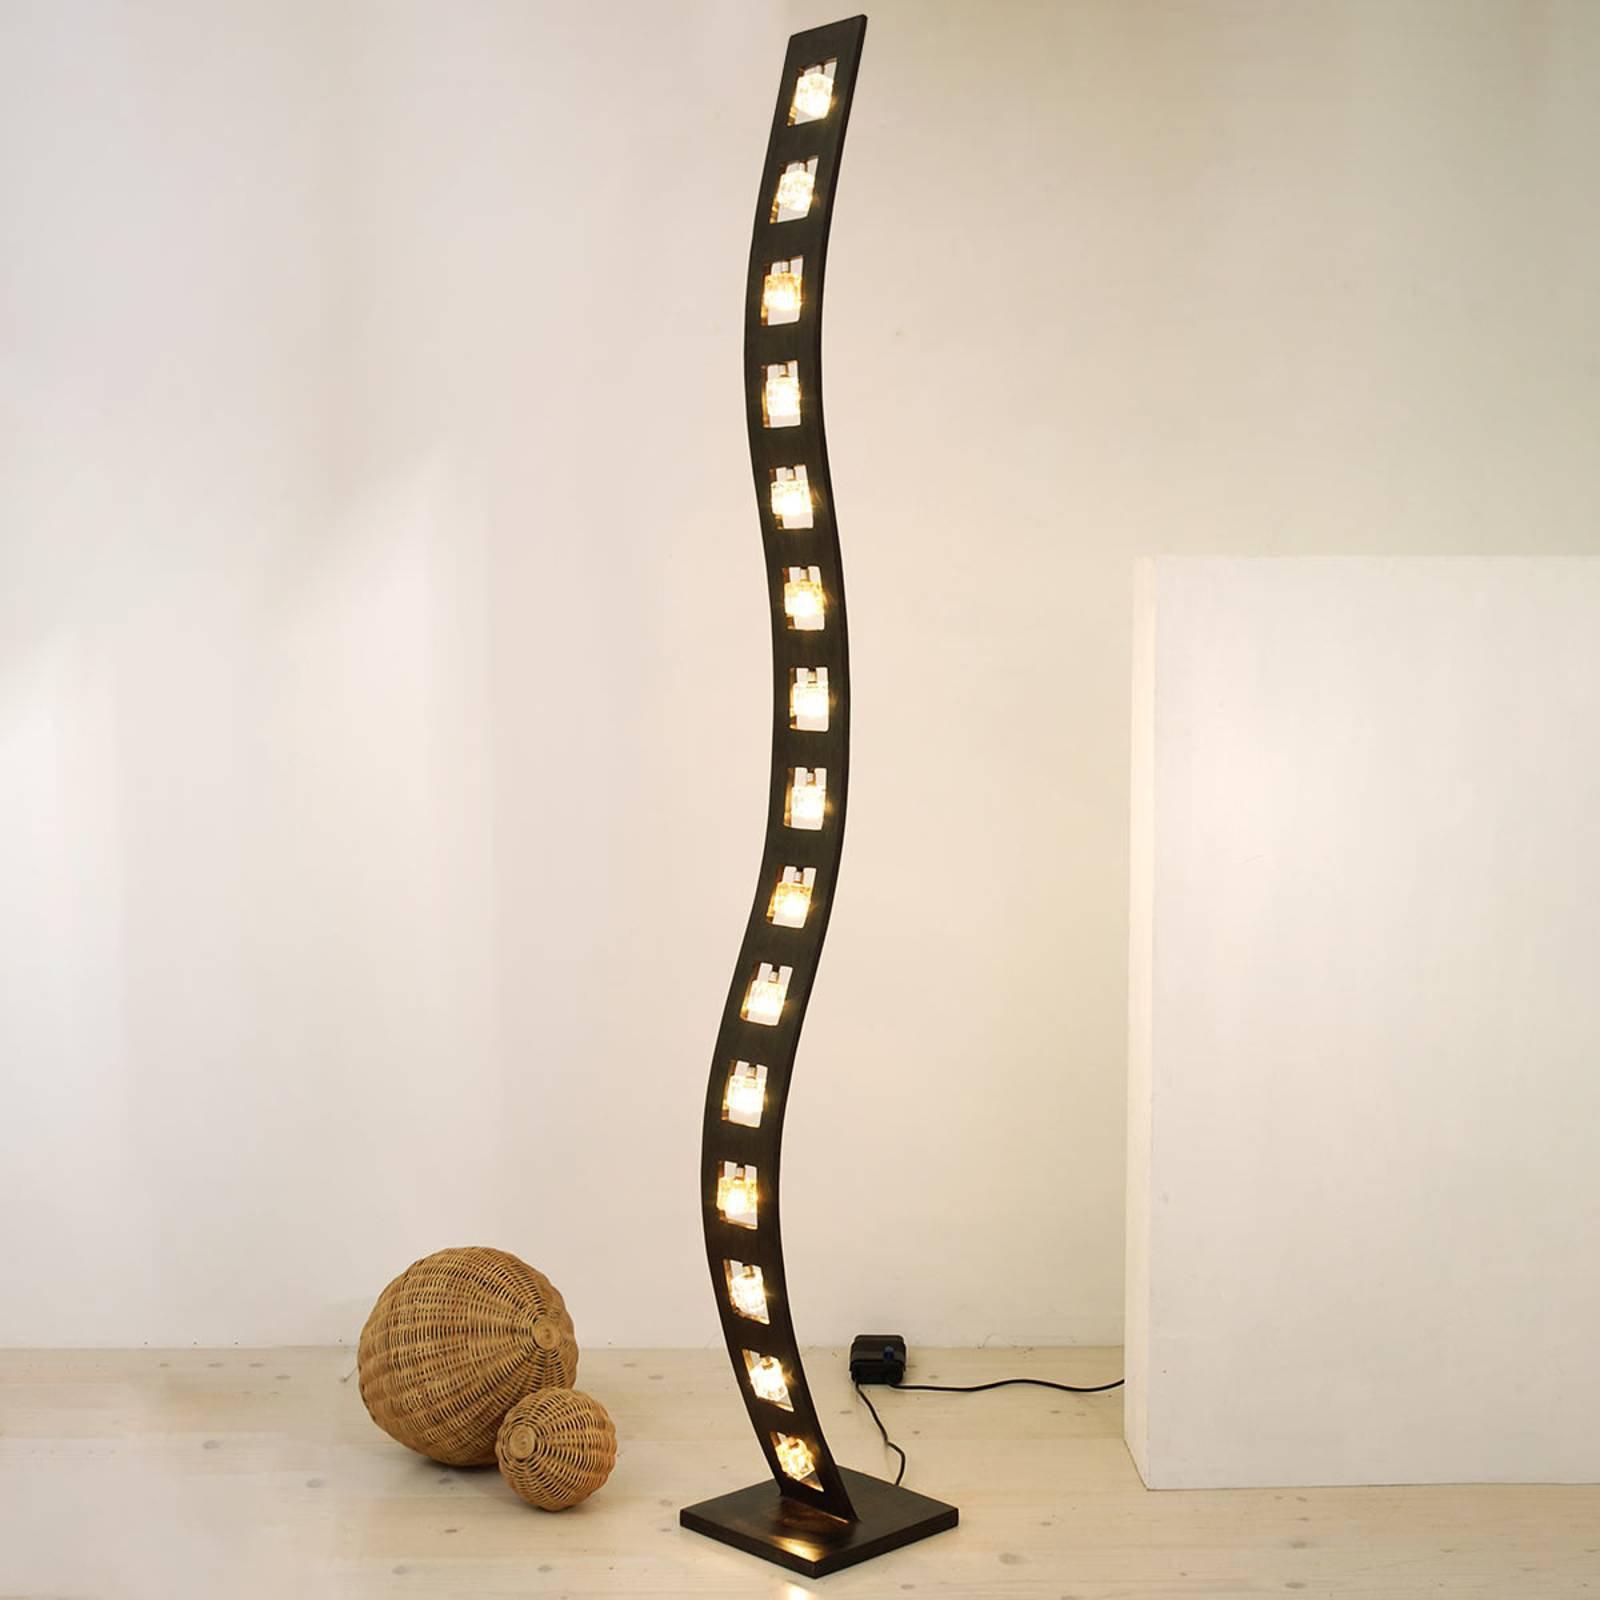 Ekstravagant Lichtturm stålampe